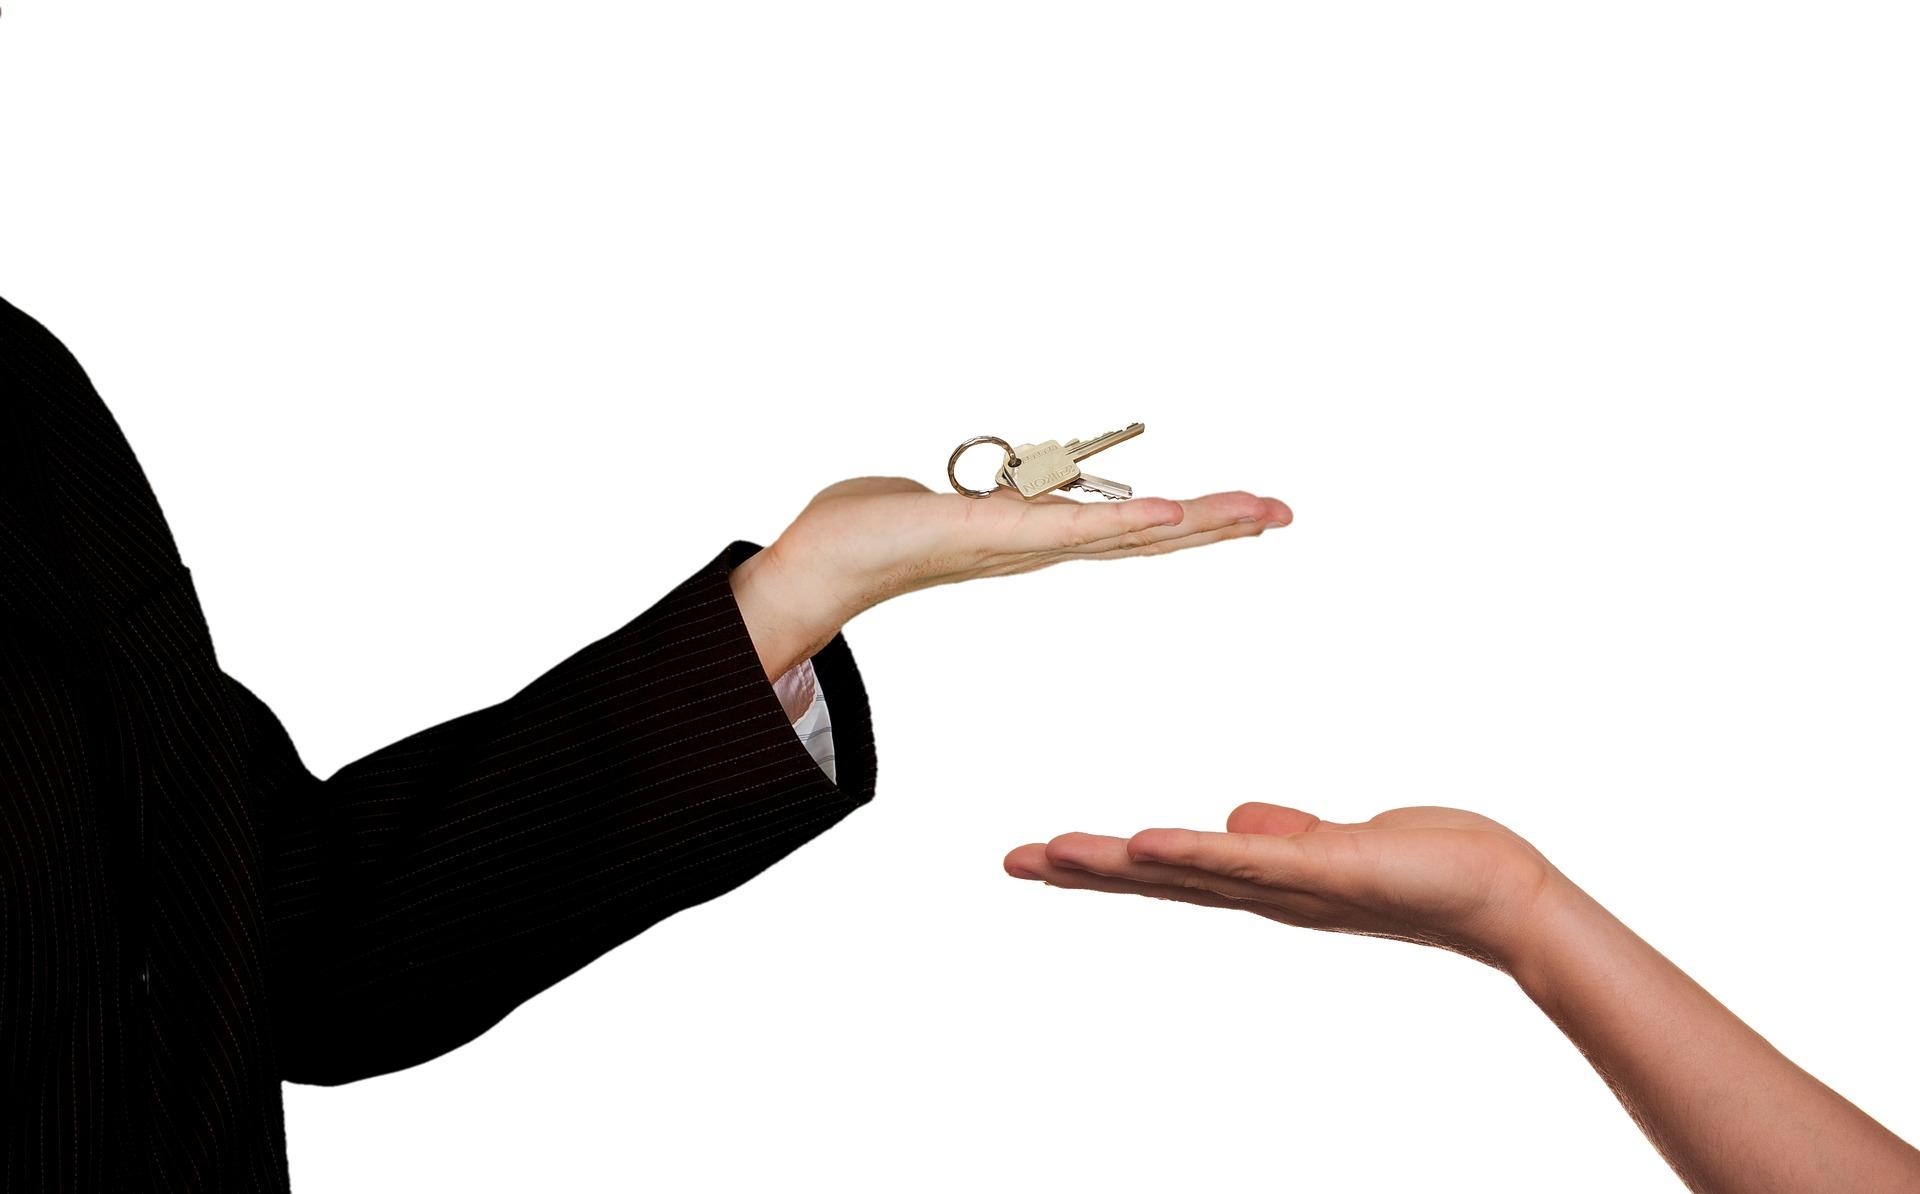 Eine Hand mit Schlüssel in der Hand und dadrunter eine weitere Hand die den Schlüssel entgegen nehmen will. Es geht um die Vermietung oder den Verkauf einer Immobilie.